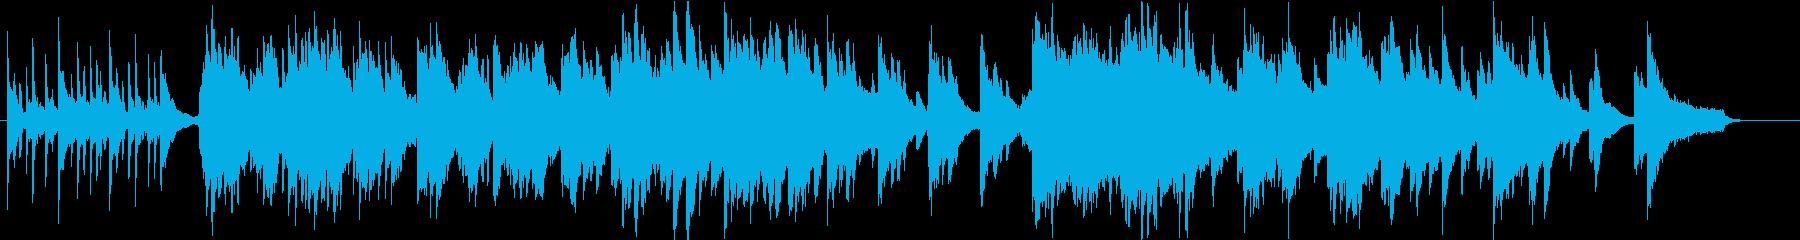 切ない雰囲気のピアノ曲です。の再生済みの波形